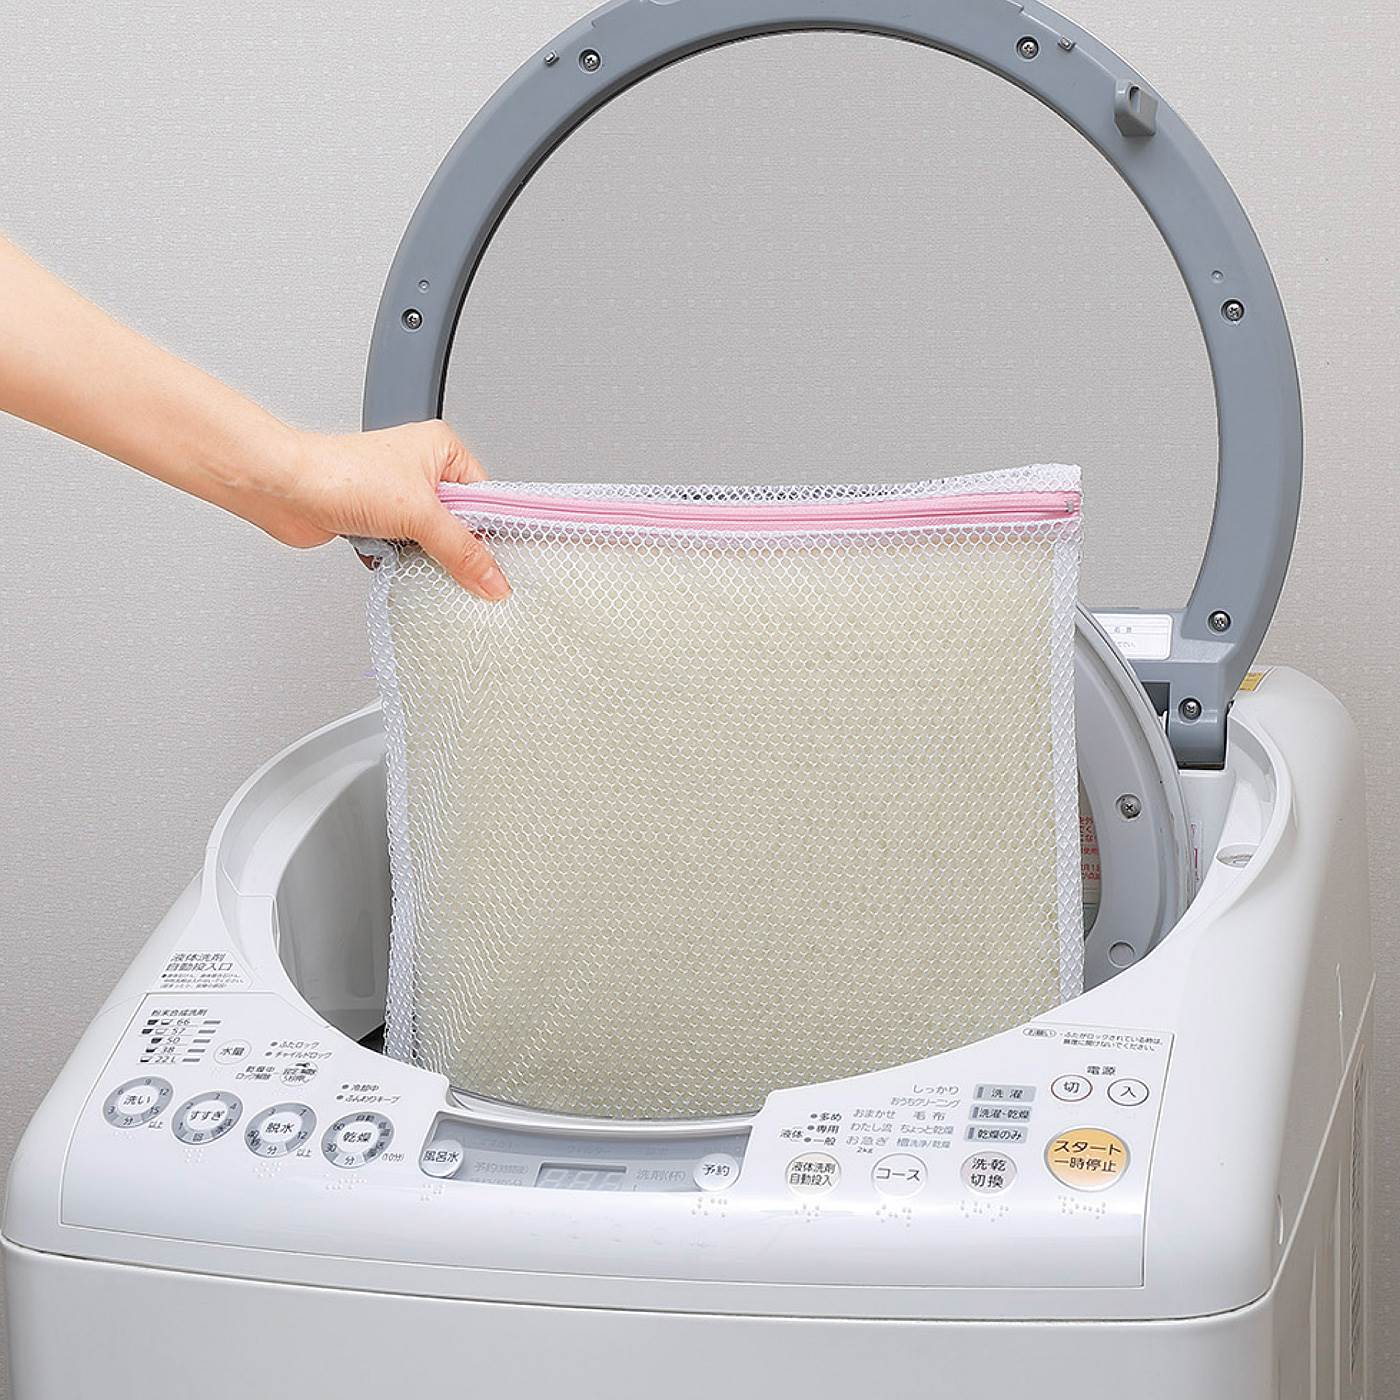 洗濯機で丸洗いOK。洗っても吸着効果はそのまま!